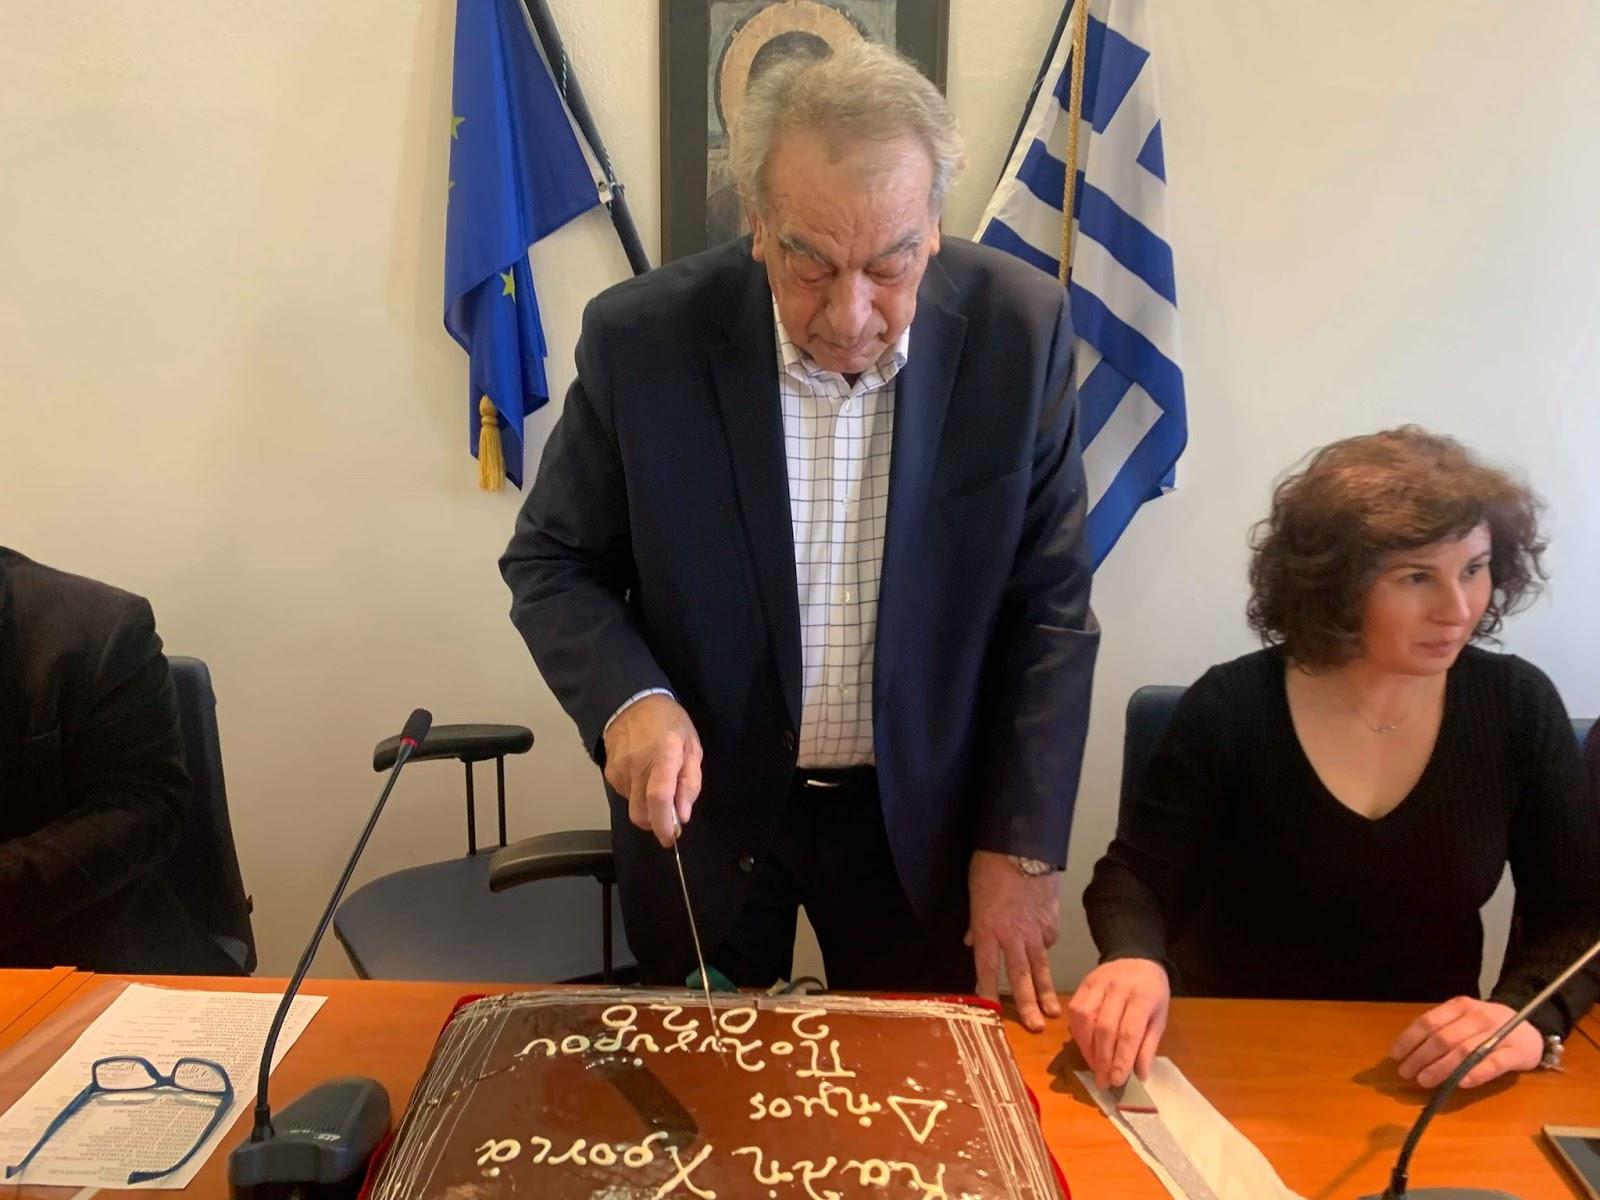 Κοπή της πρωτοχρονιάτικης πίτας στον Δήμο Πολυγύρου (ΦΩΤΟ)